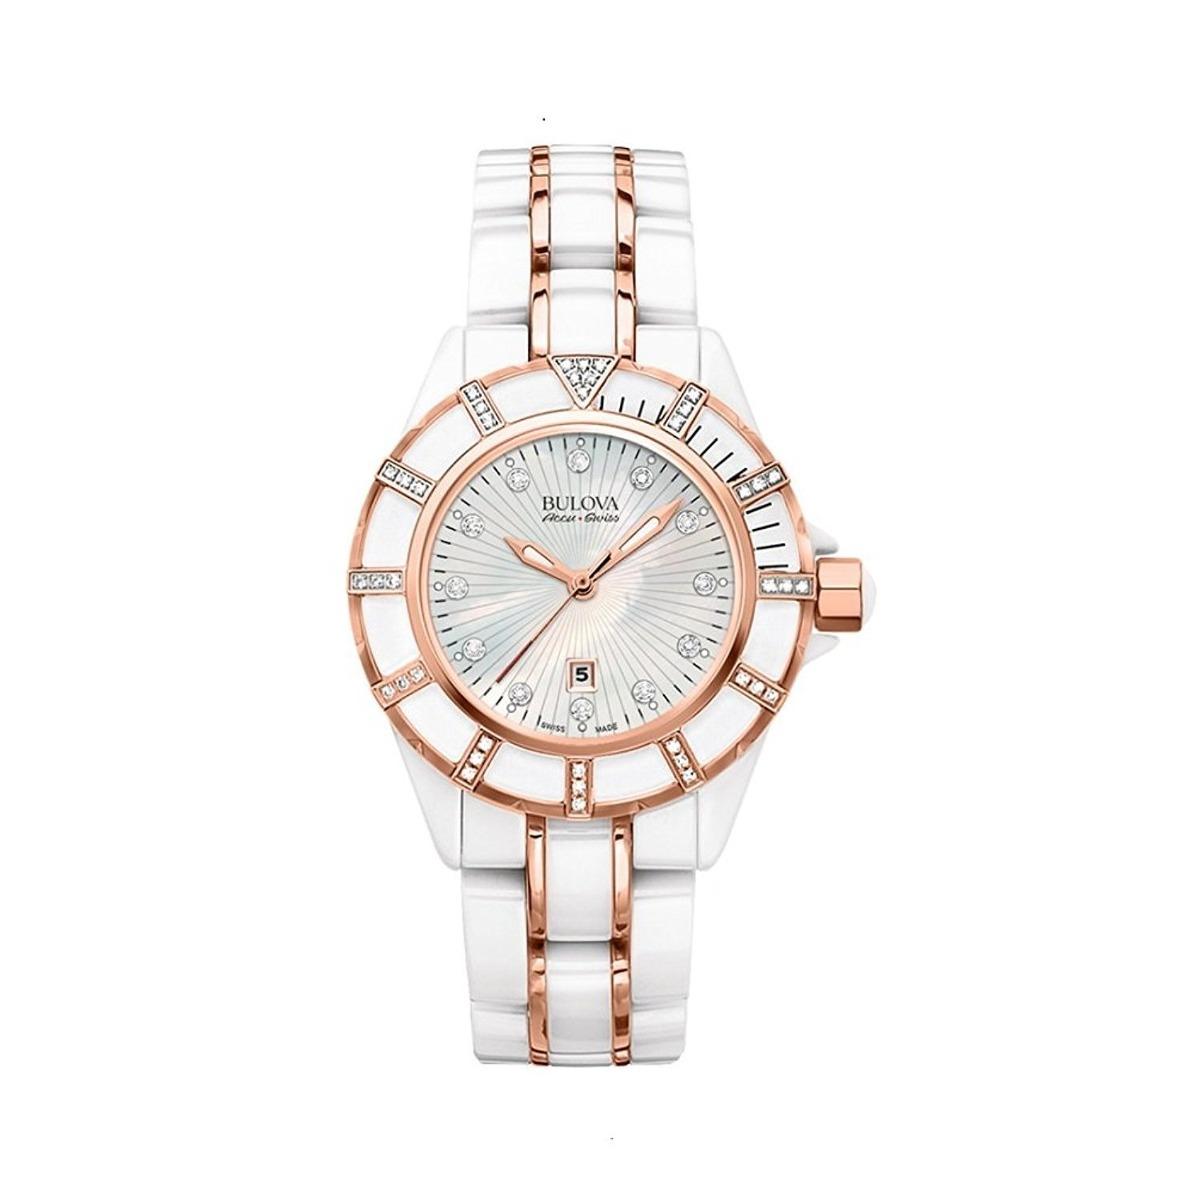 8337e14e6 reloj bulova para mujer 65r155 con cristales de cerámica. Cargando zoom.